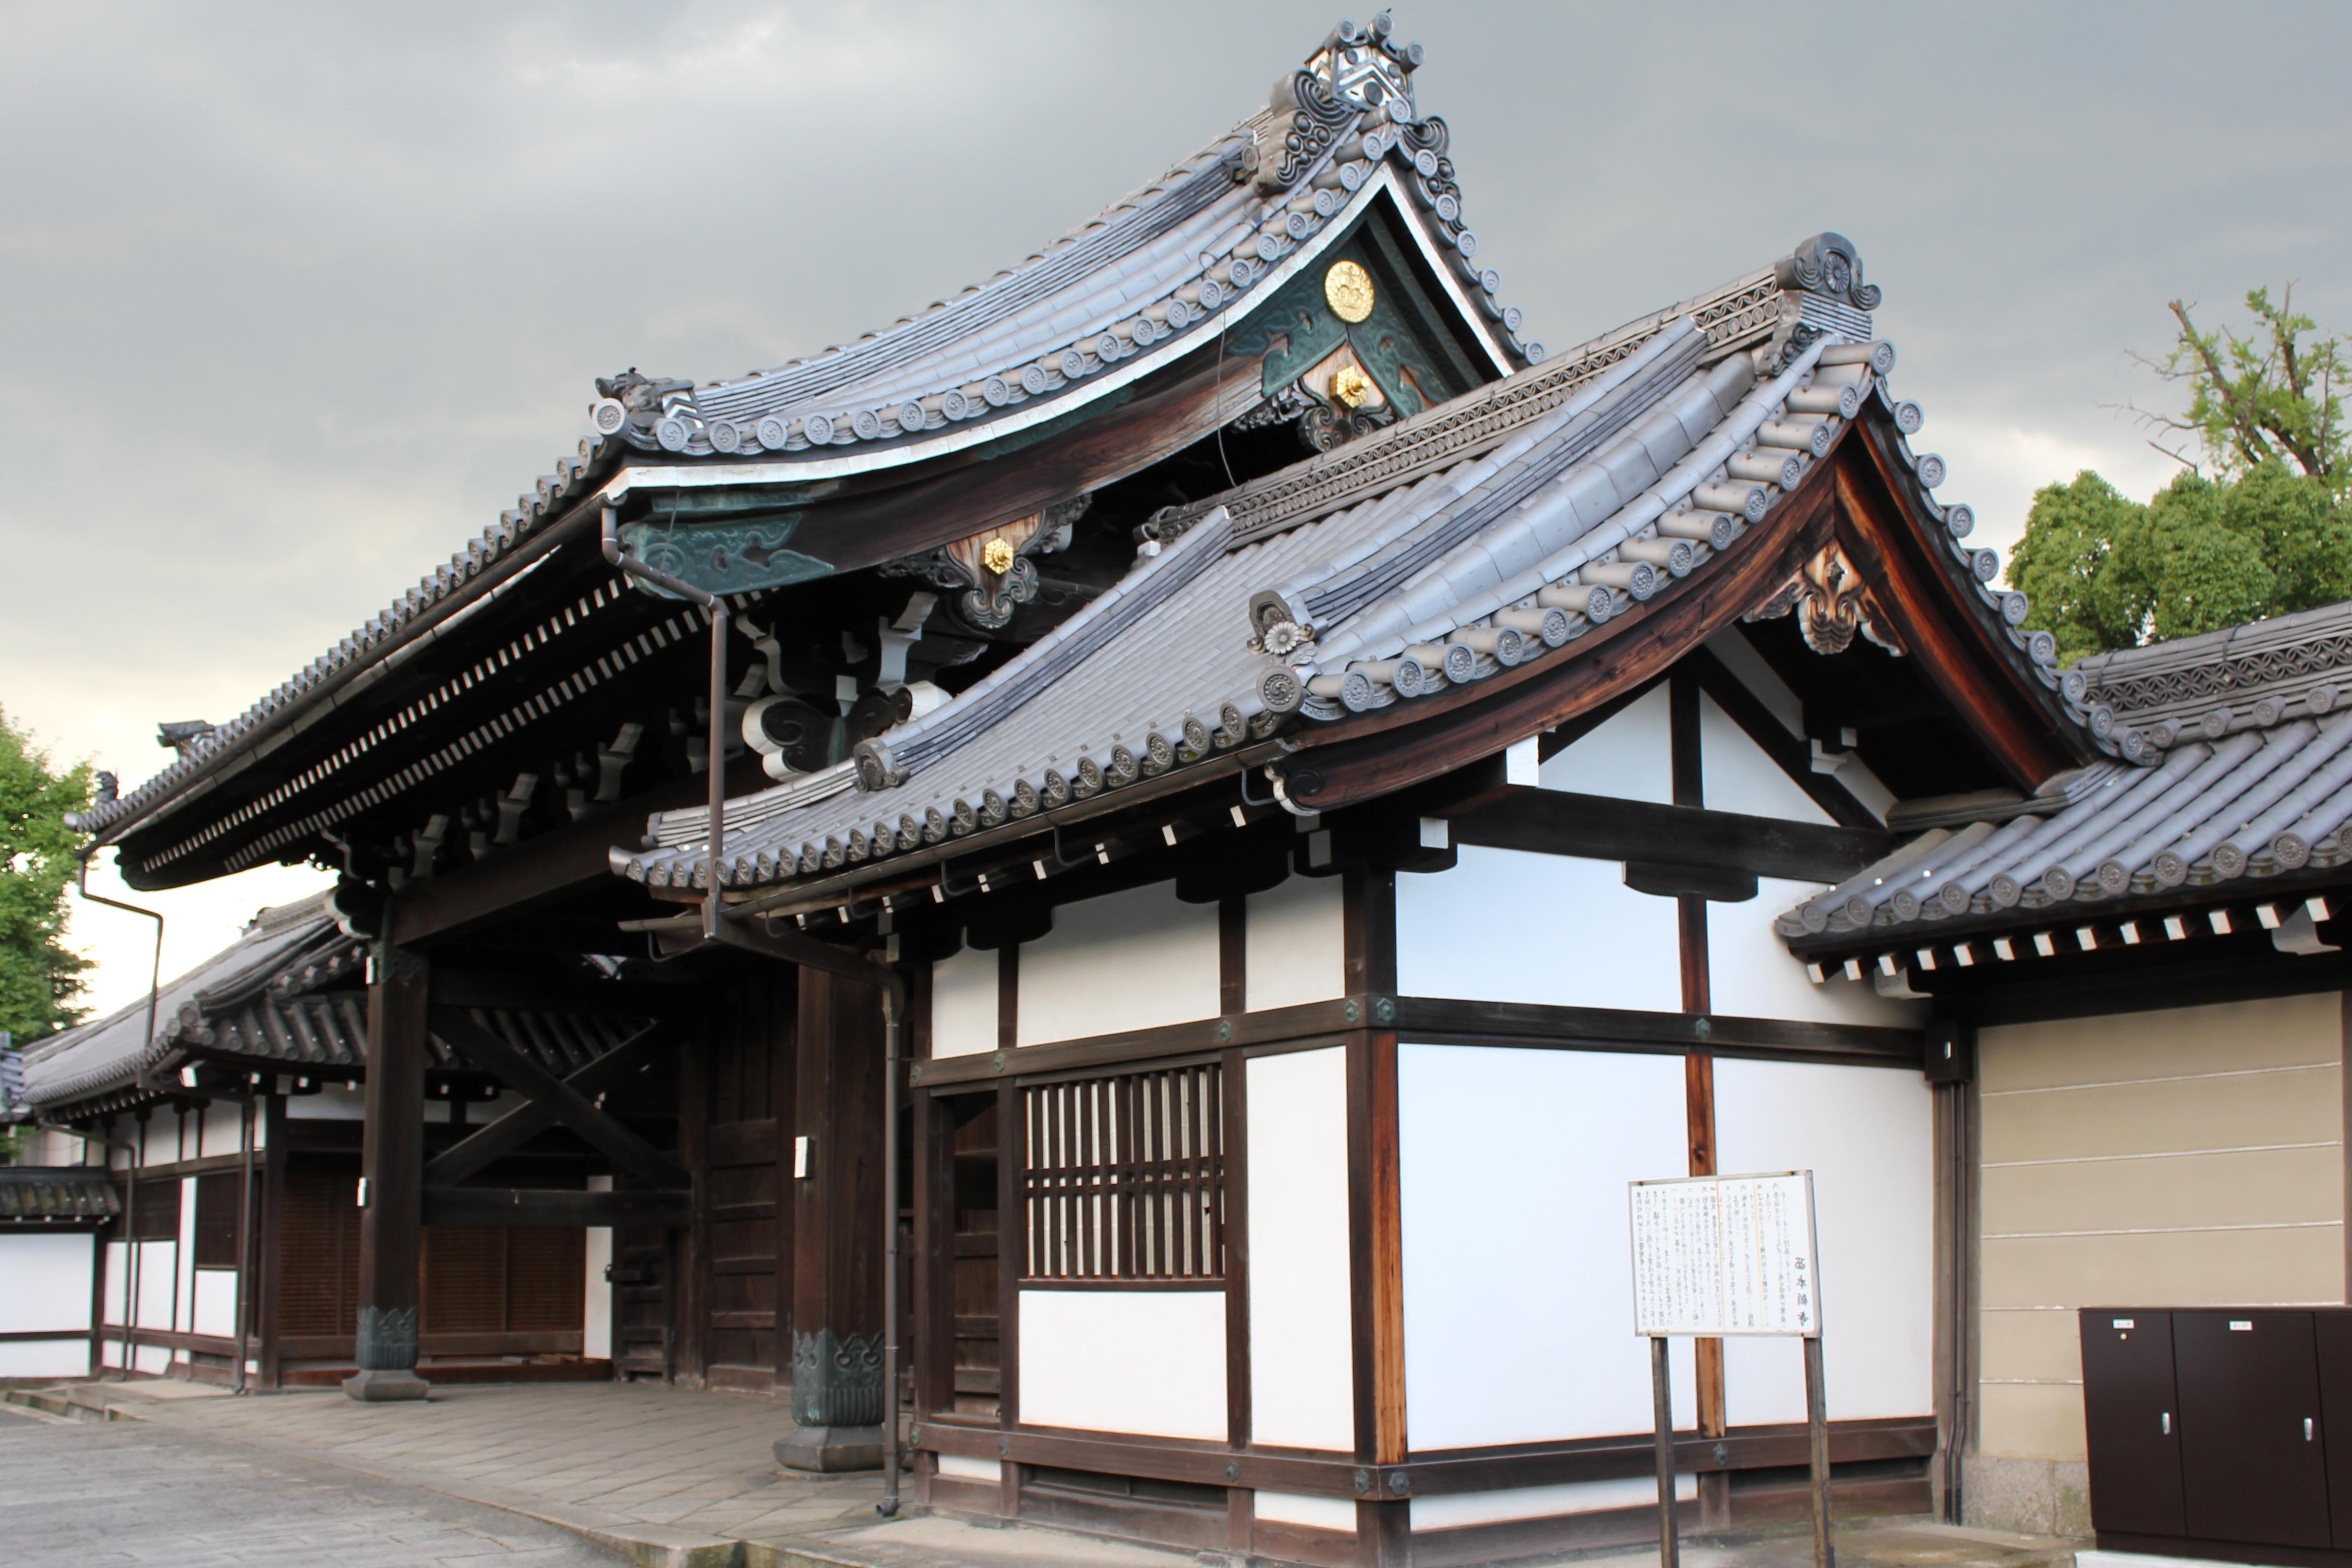 Kostenlose Bild: Tempel, Haus, Architektur, außen, Asien, Japan ...